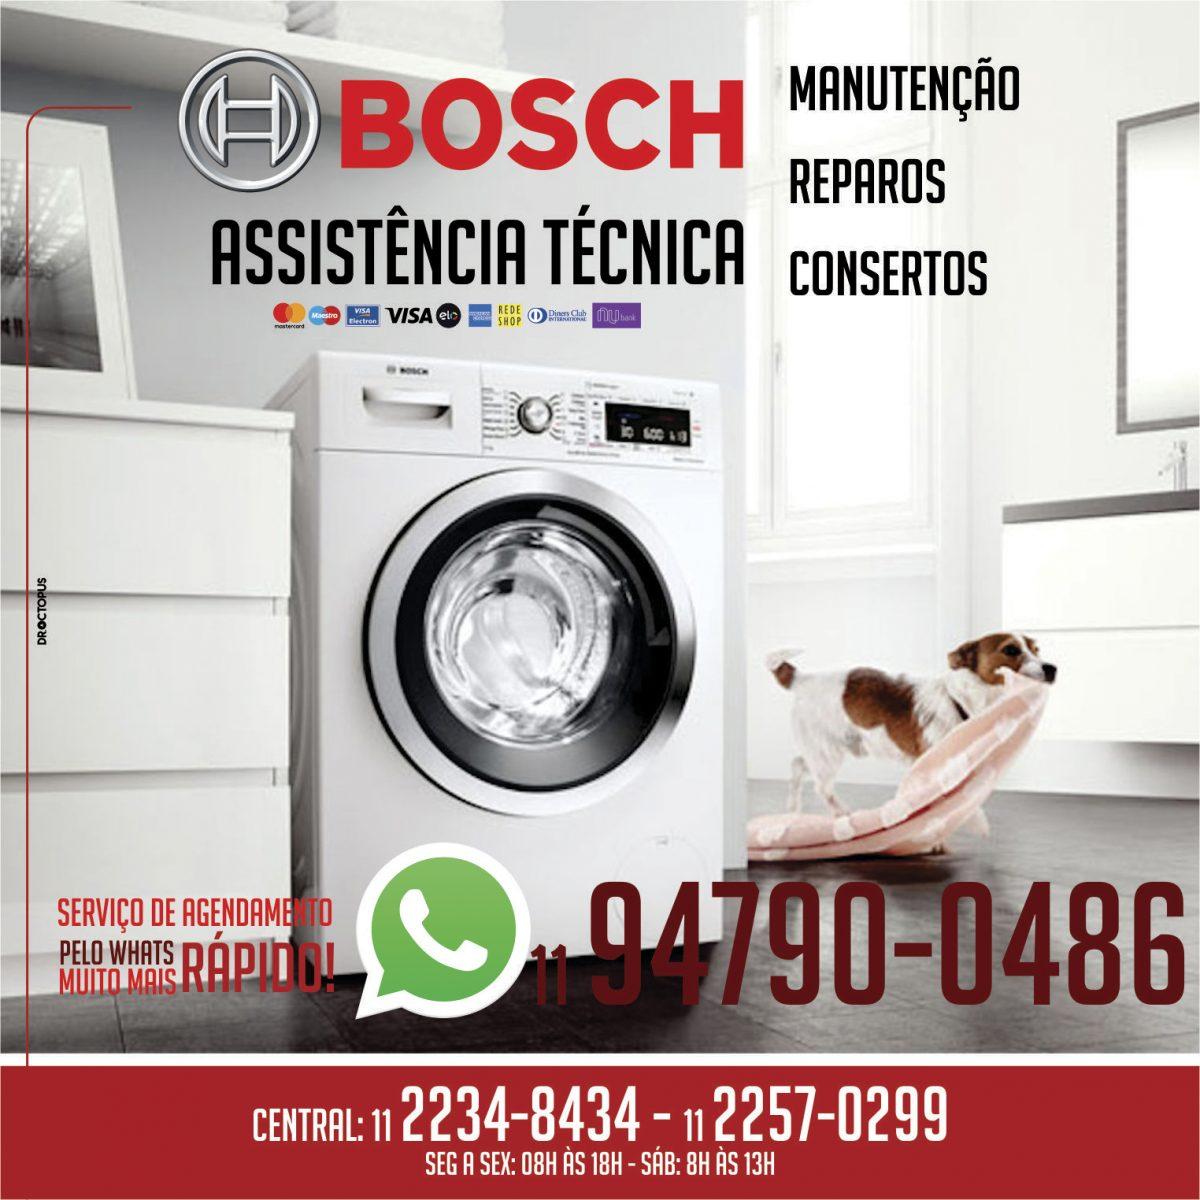 abastec-bosch-2